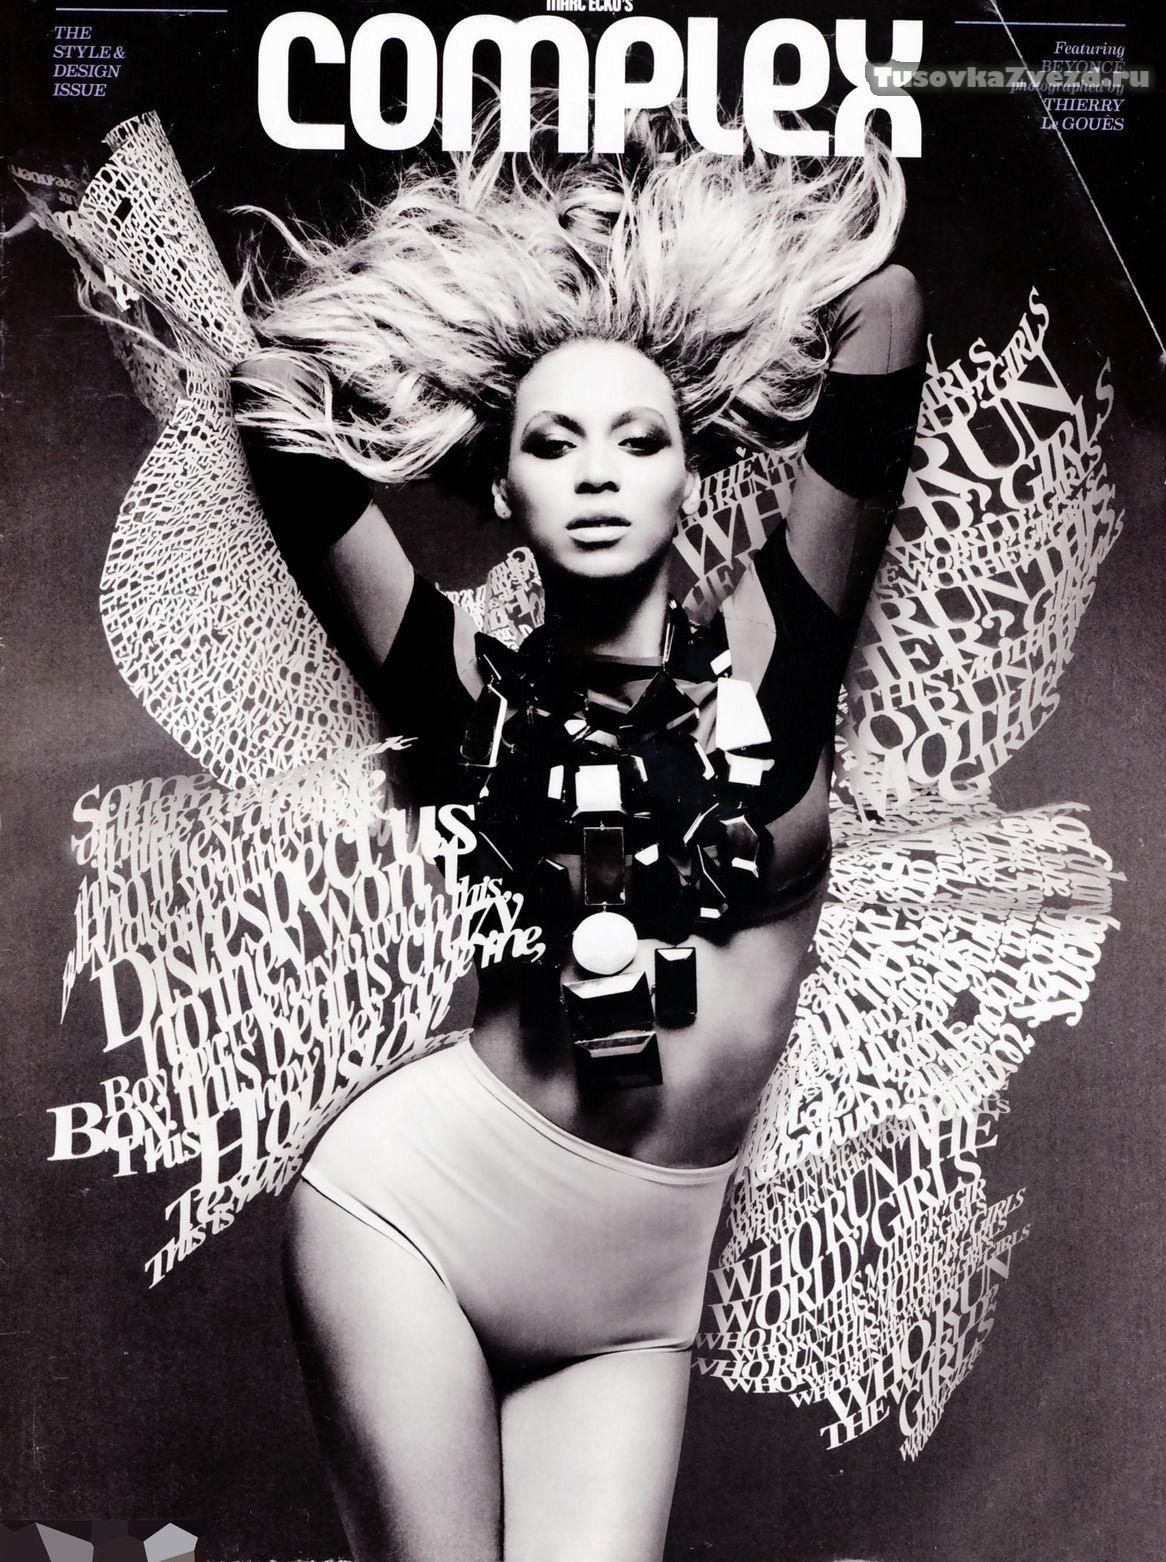 Бейонсе Ноулз (Beyonce Knowles) эротическая фото сессия для журнала Complex США, август 2011